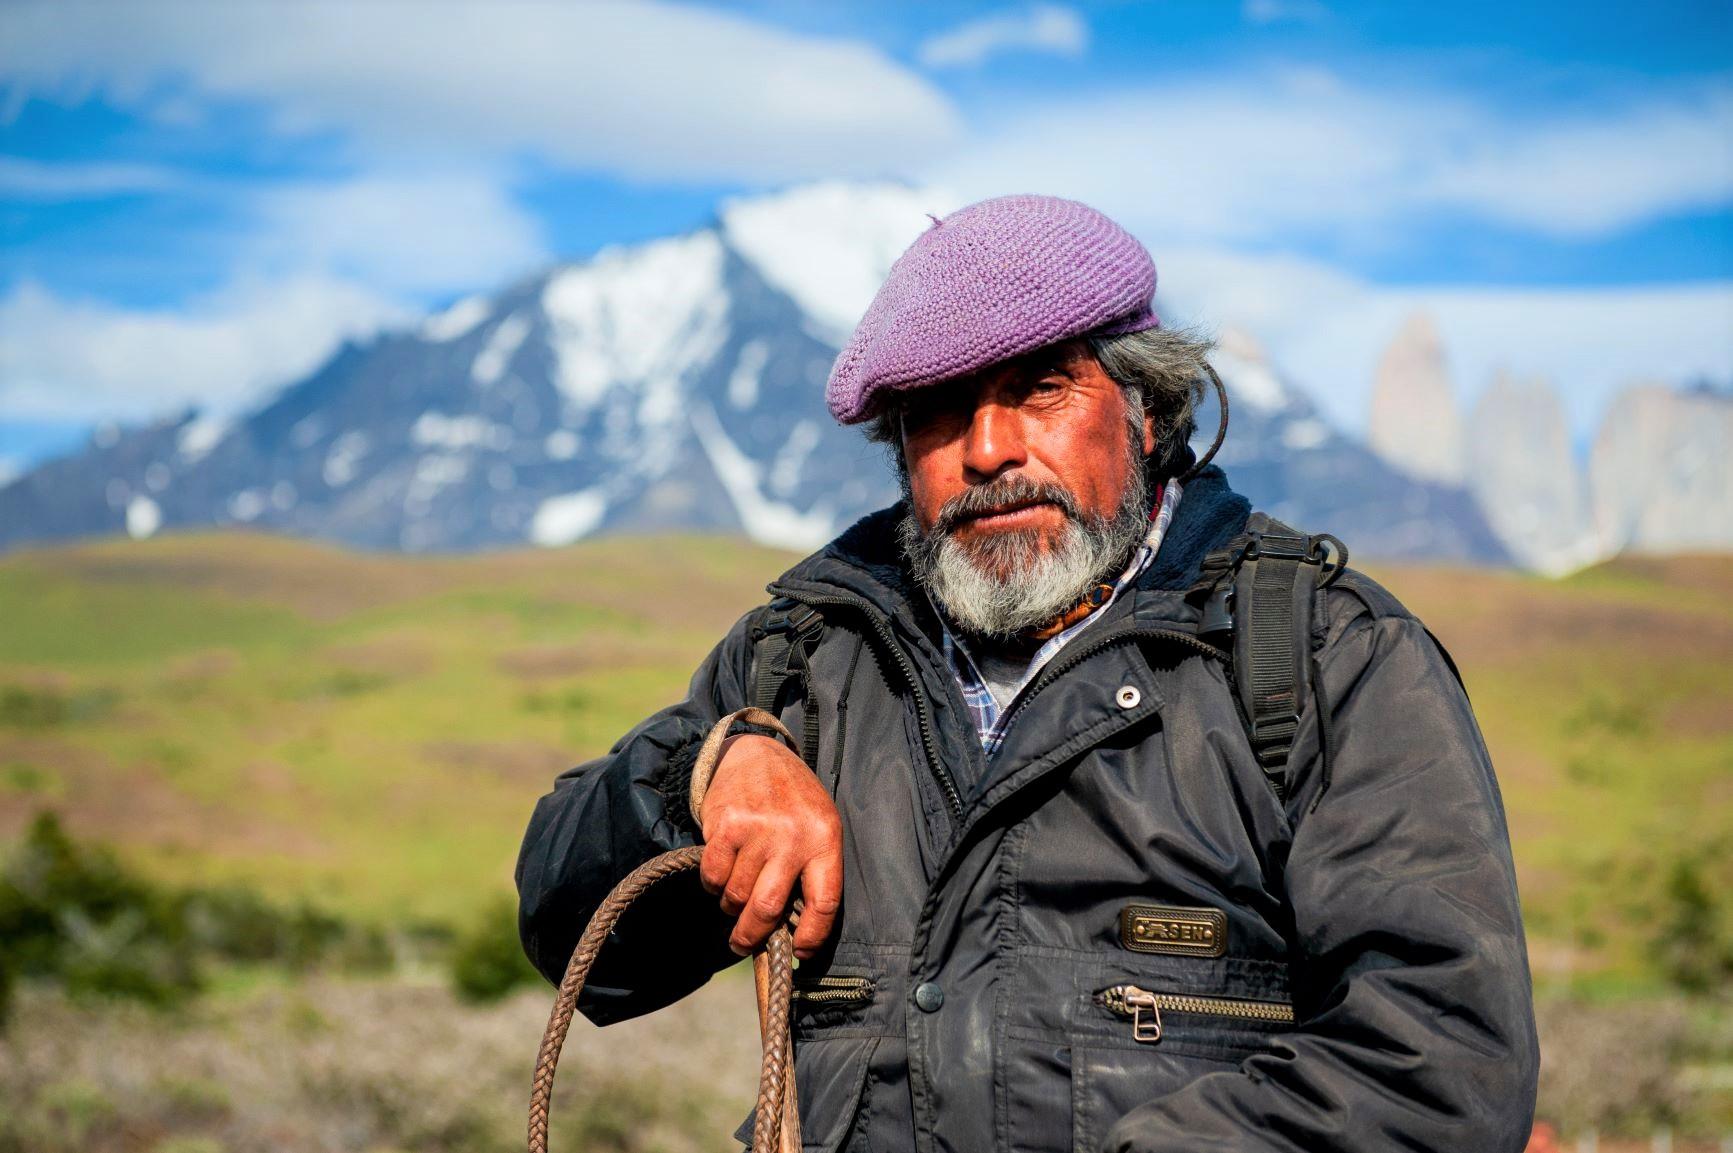 広大なパタゴニアの大地で放牧を営むガウチョはベレー帽がトレードマーク